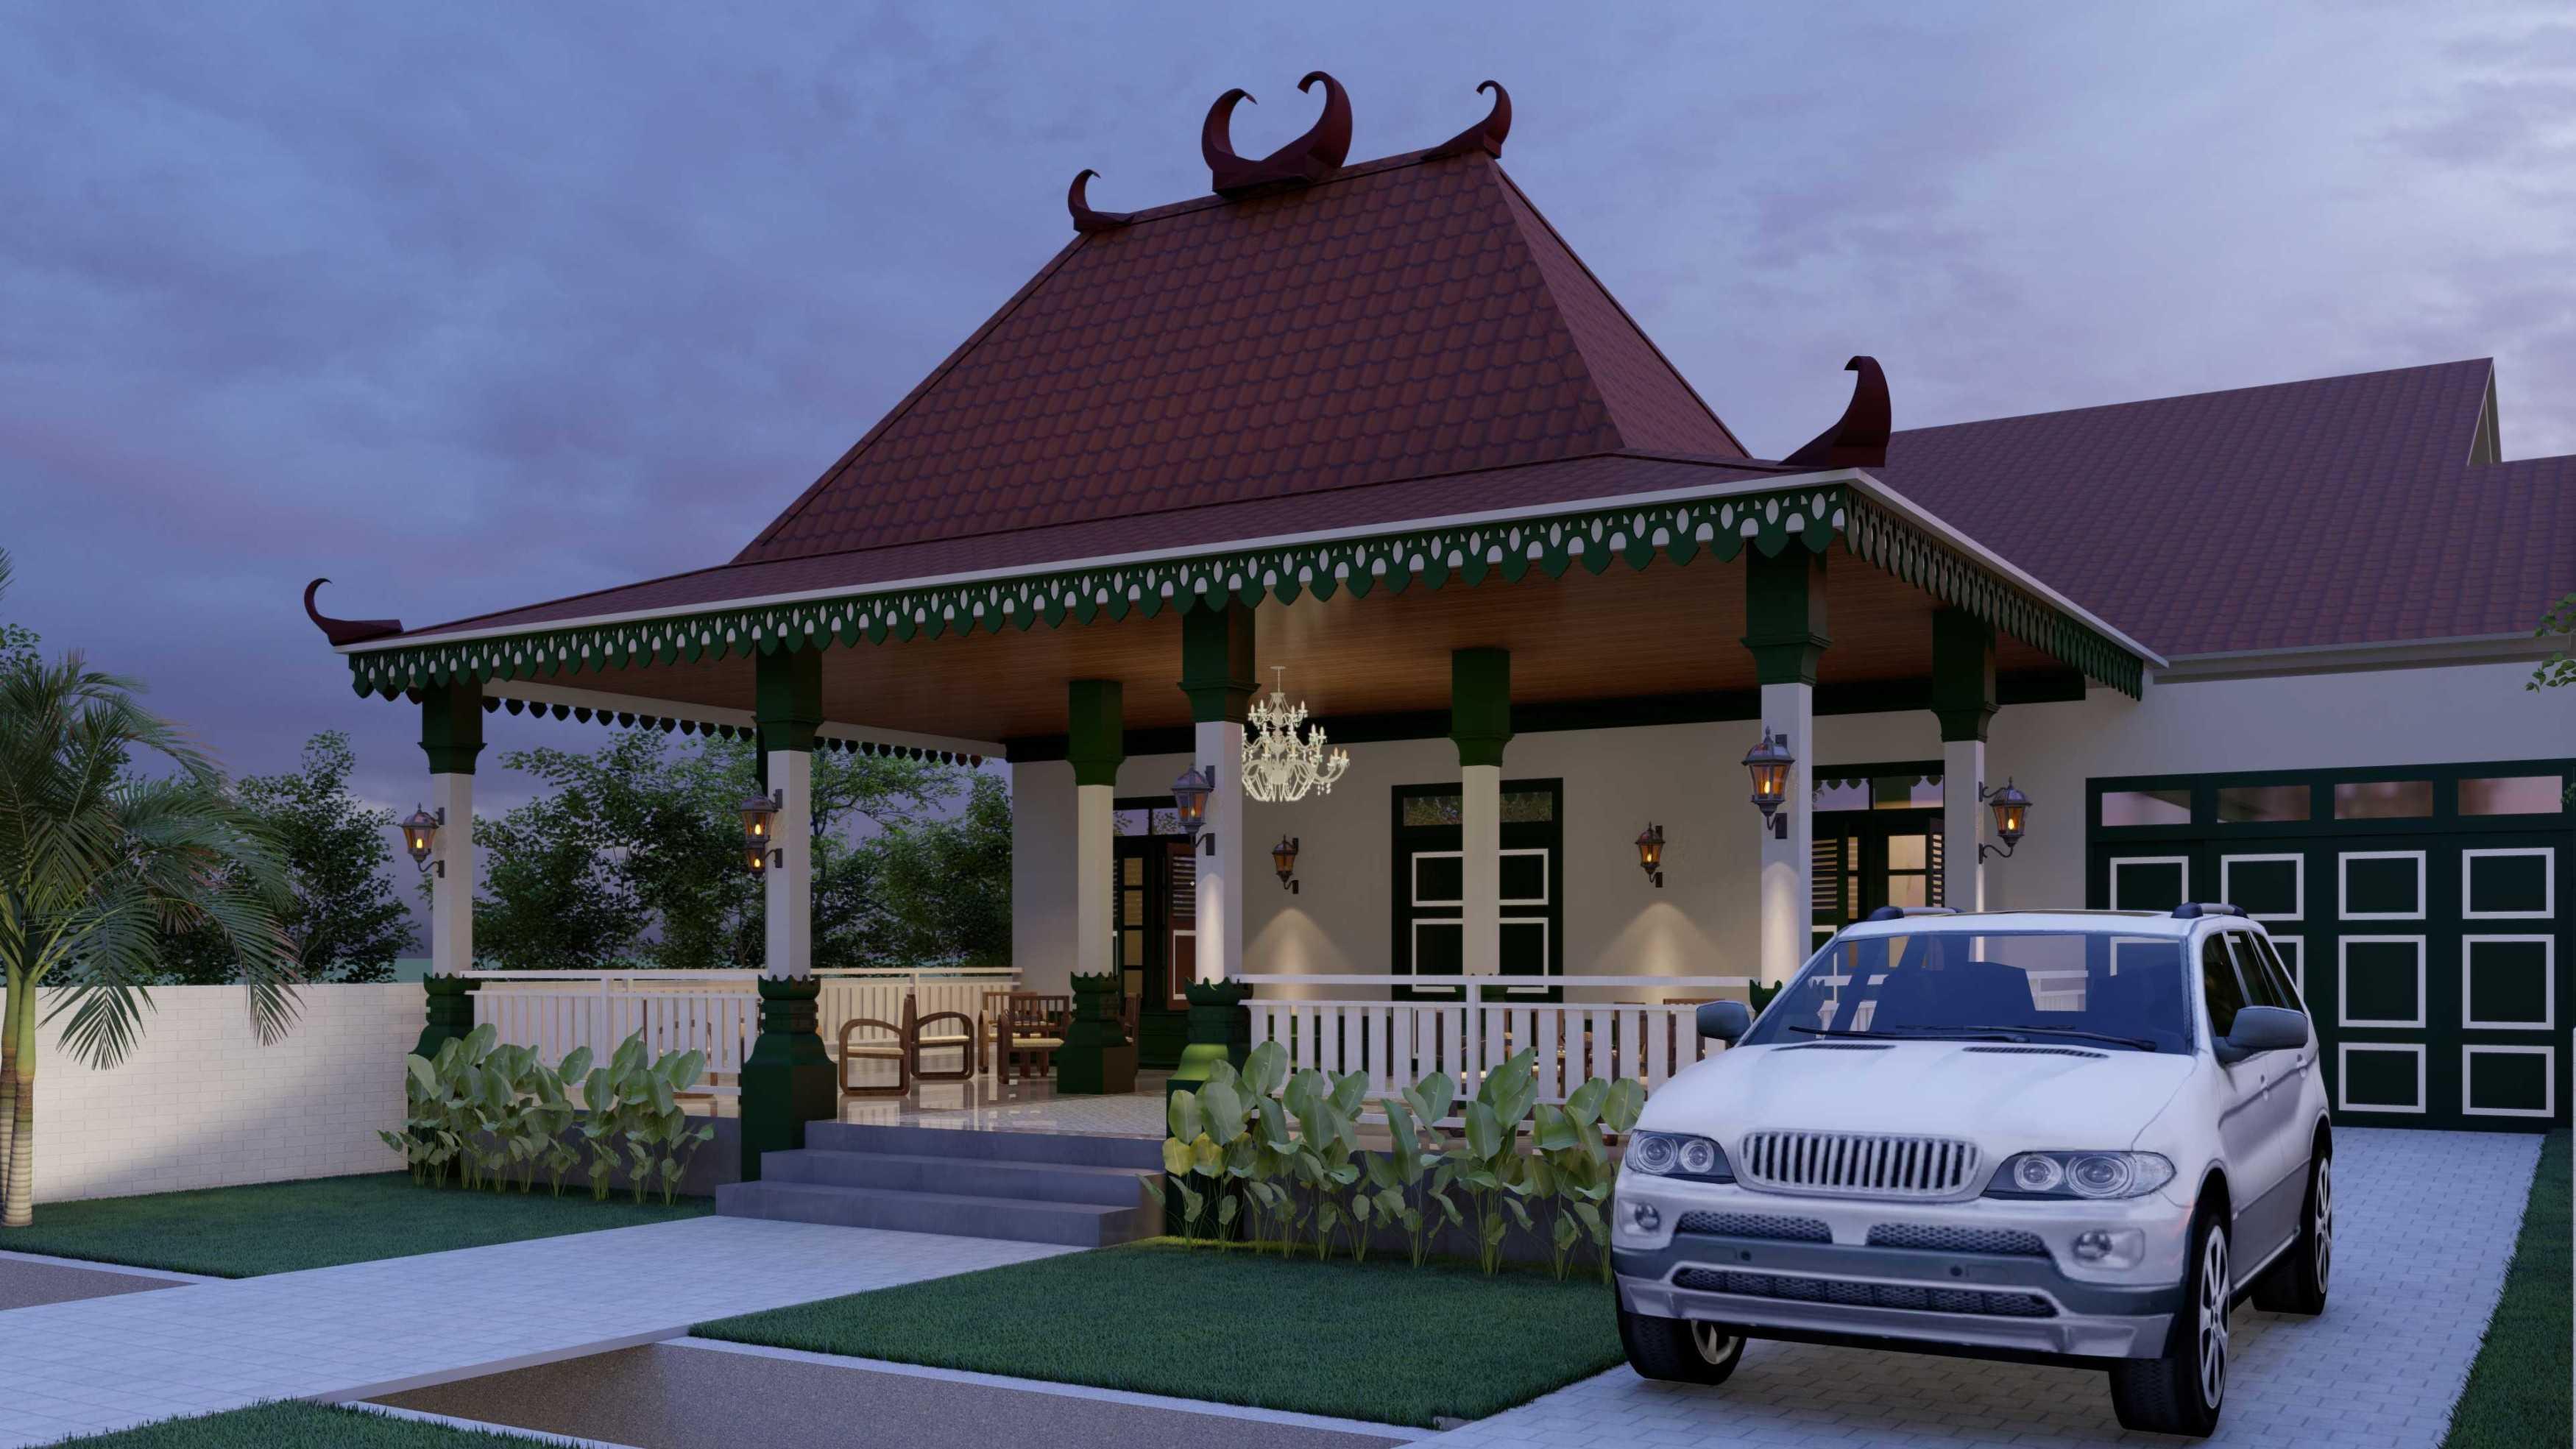 R+ Studio Rumah Joglo - Batang - Jawa Tengah Kabupaten Batang, Jawa Tengah, Indonesia Kabupaten Batang, Jawa Tengah, Indonesia R-Studio-Rumah-Joglo   121806